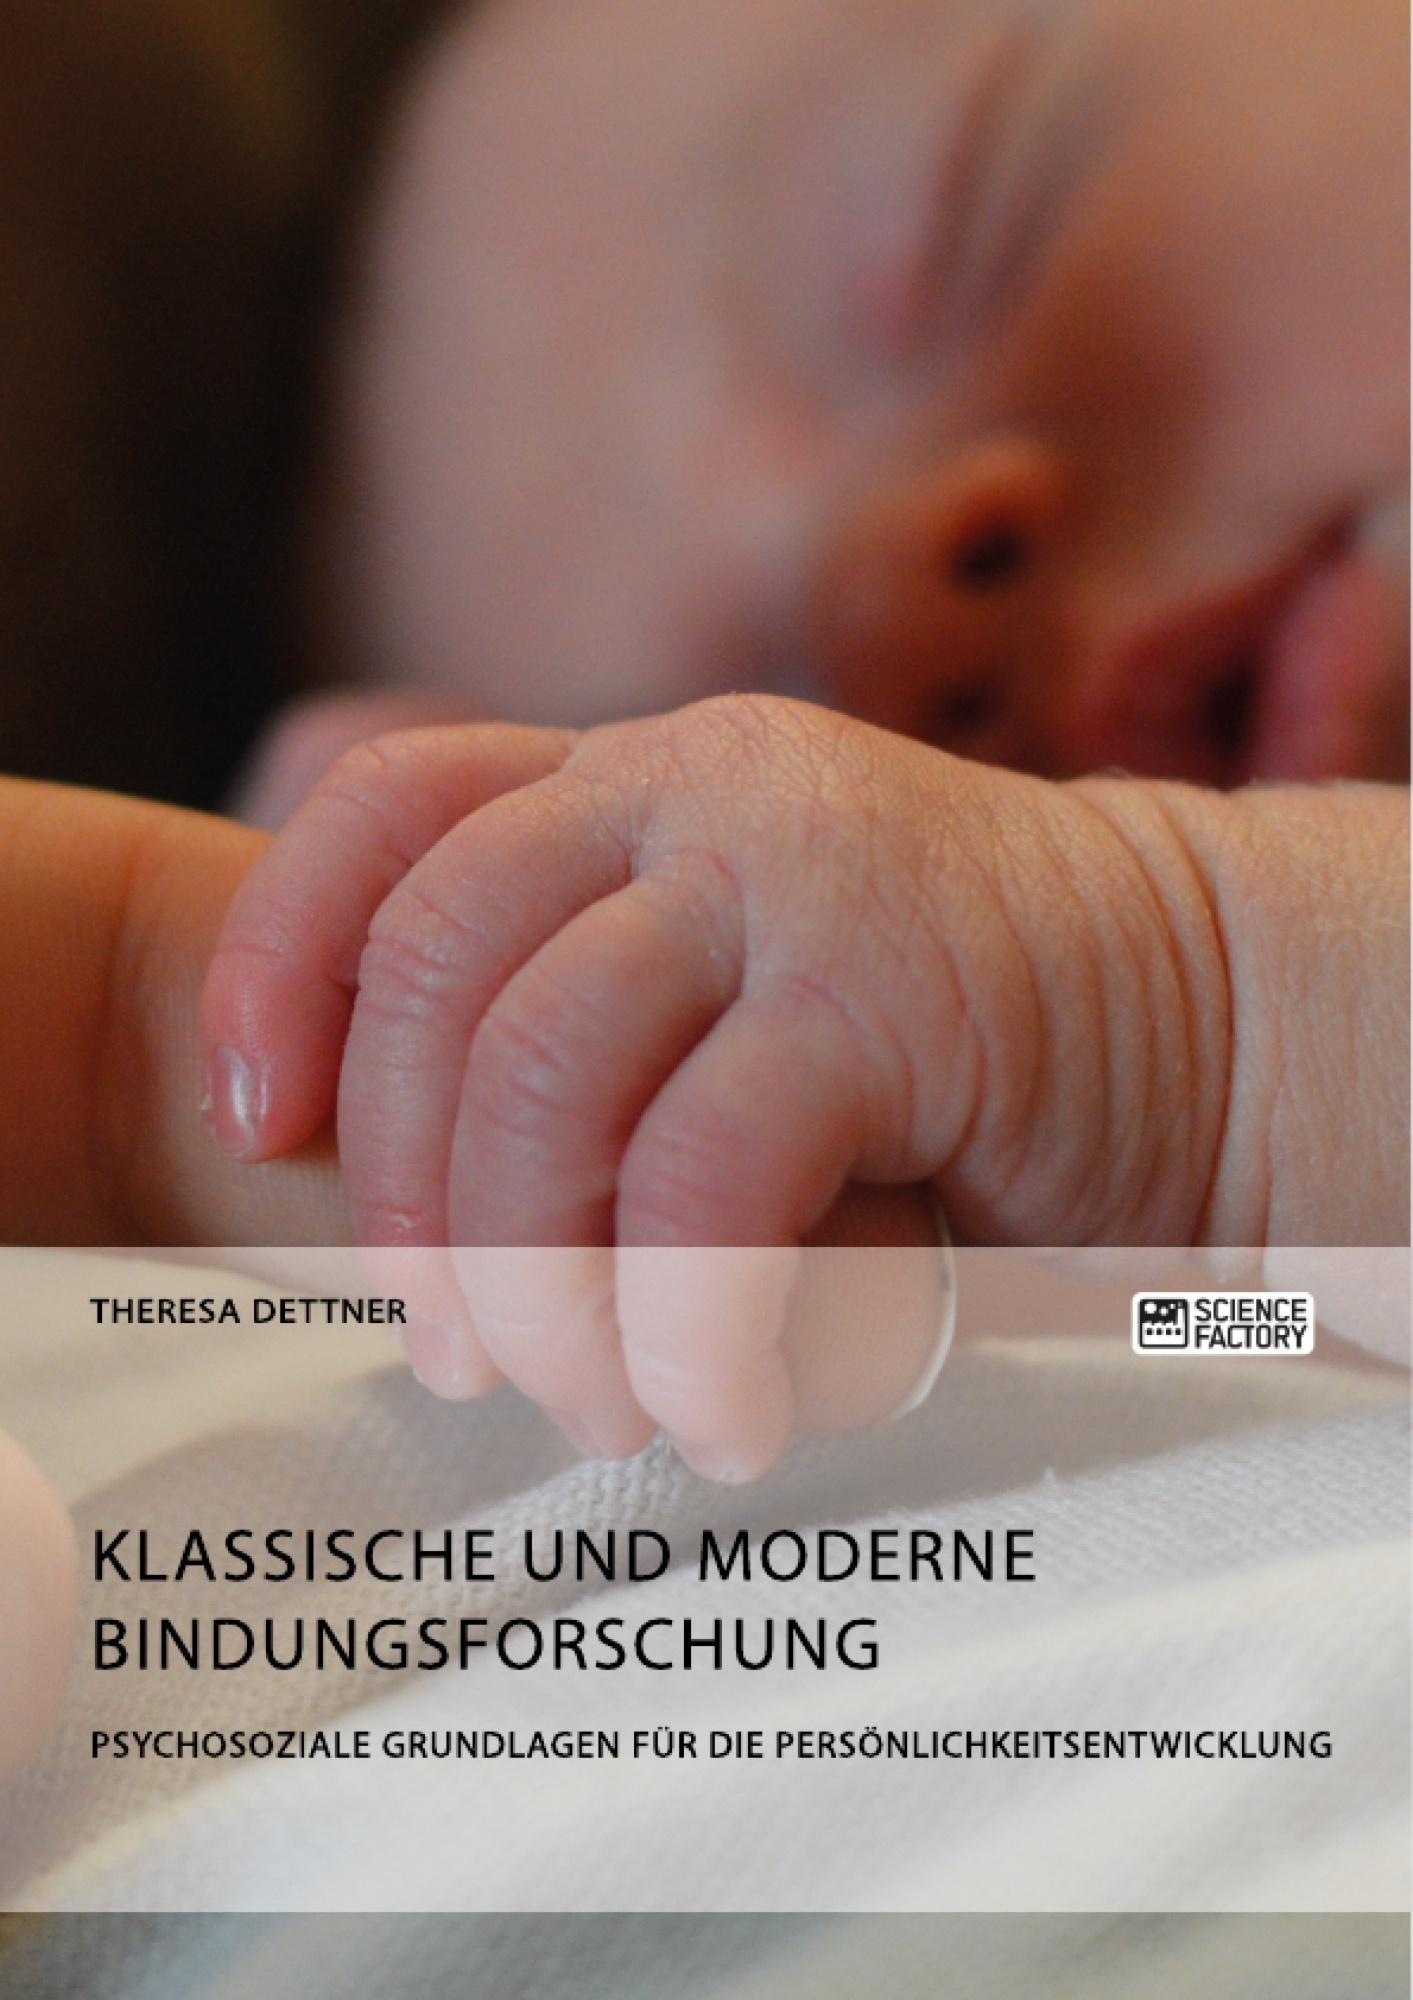 Titel: Klassische und moderne Bindungsforschung. Psychosoziale Grundlagen für die Persönlichkeitsentwicklung